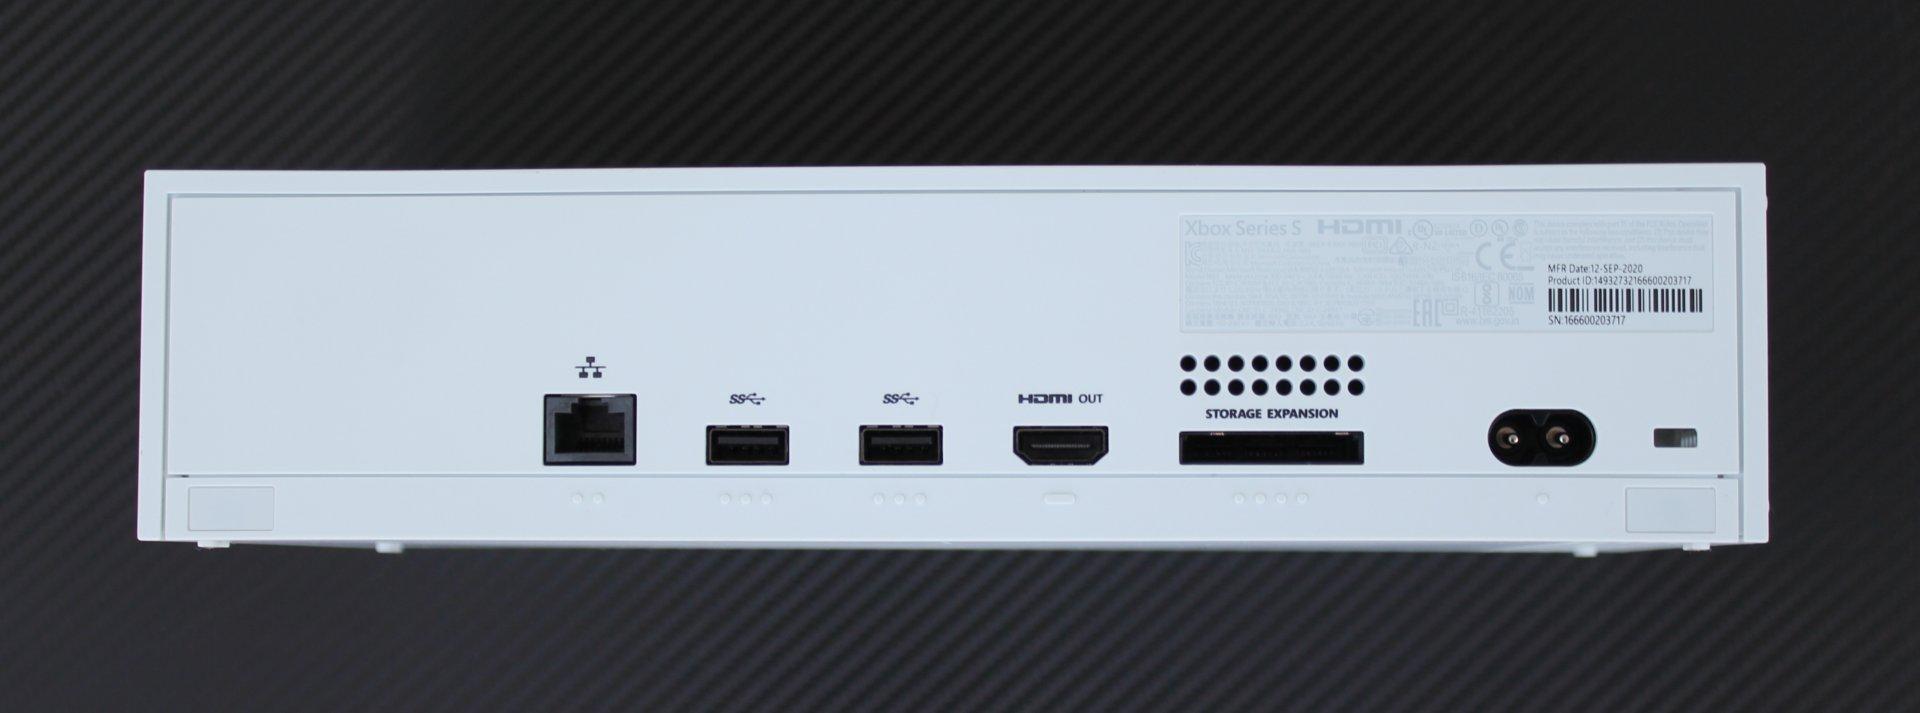 Okrem jedného predného USB sú všetky porty vzadu.